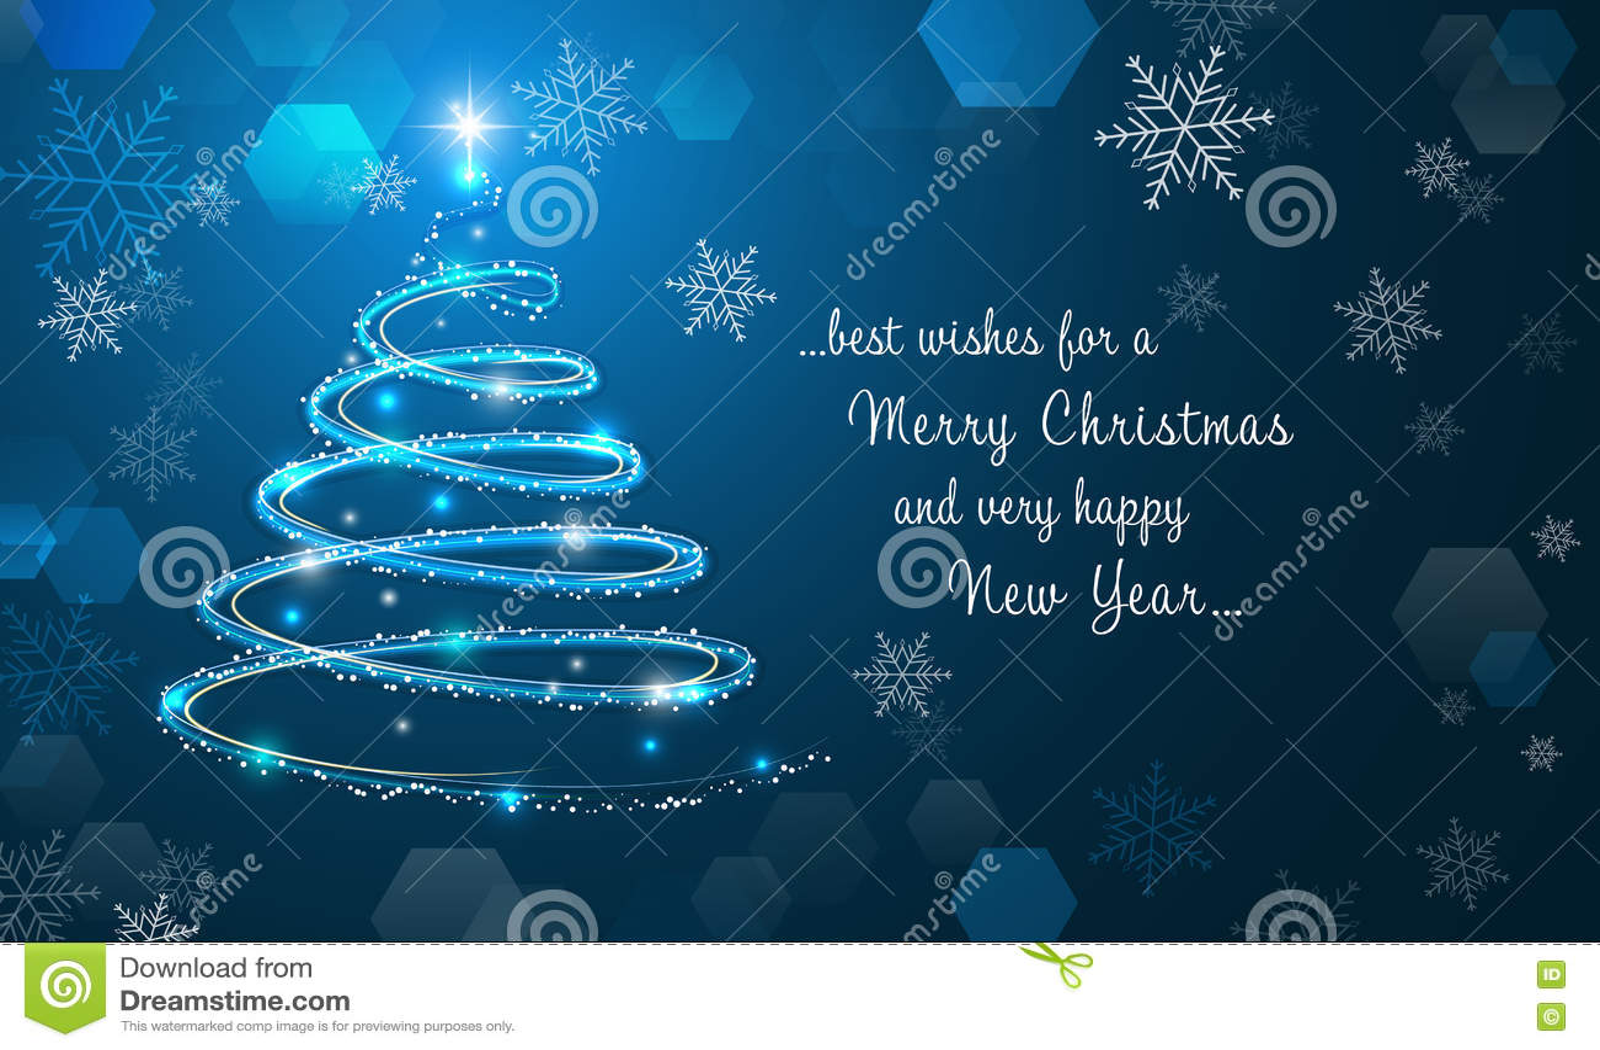 Árbol de navidad y copos de nieve brillantes en fondo azul del invierno Feliz Navidad y papel pintado de la Feliz Año Nuevo